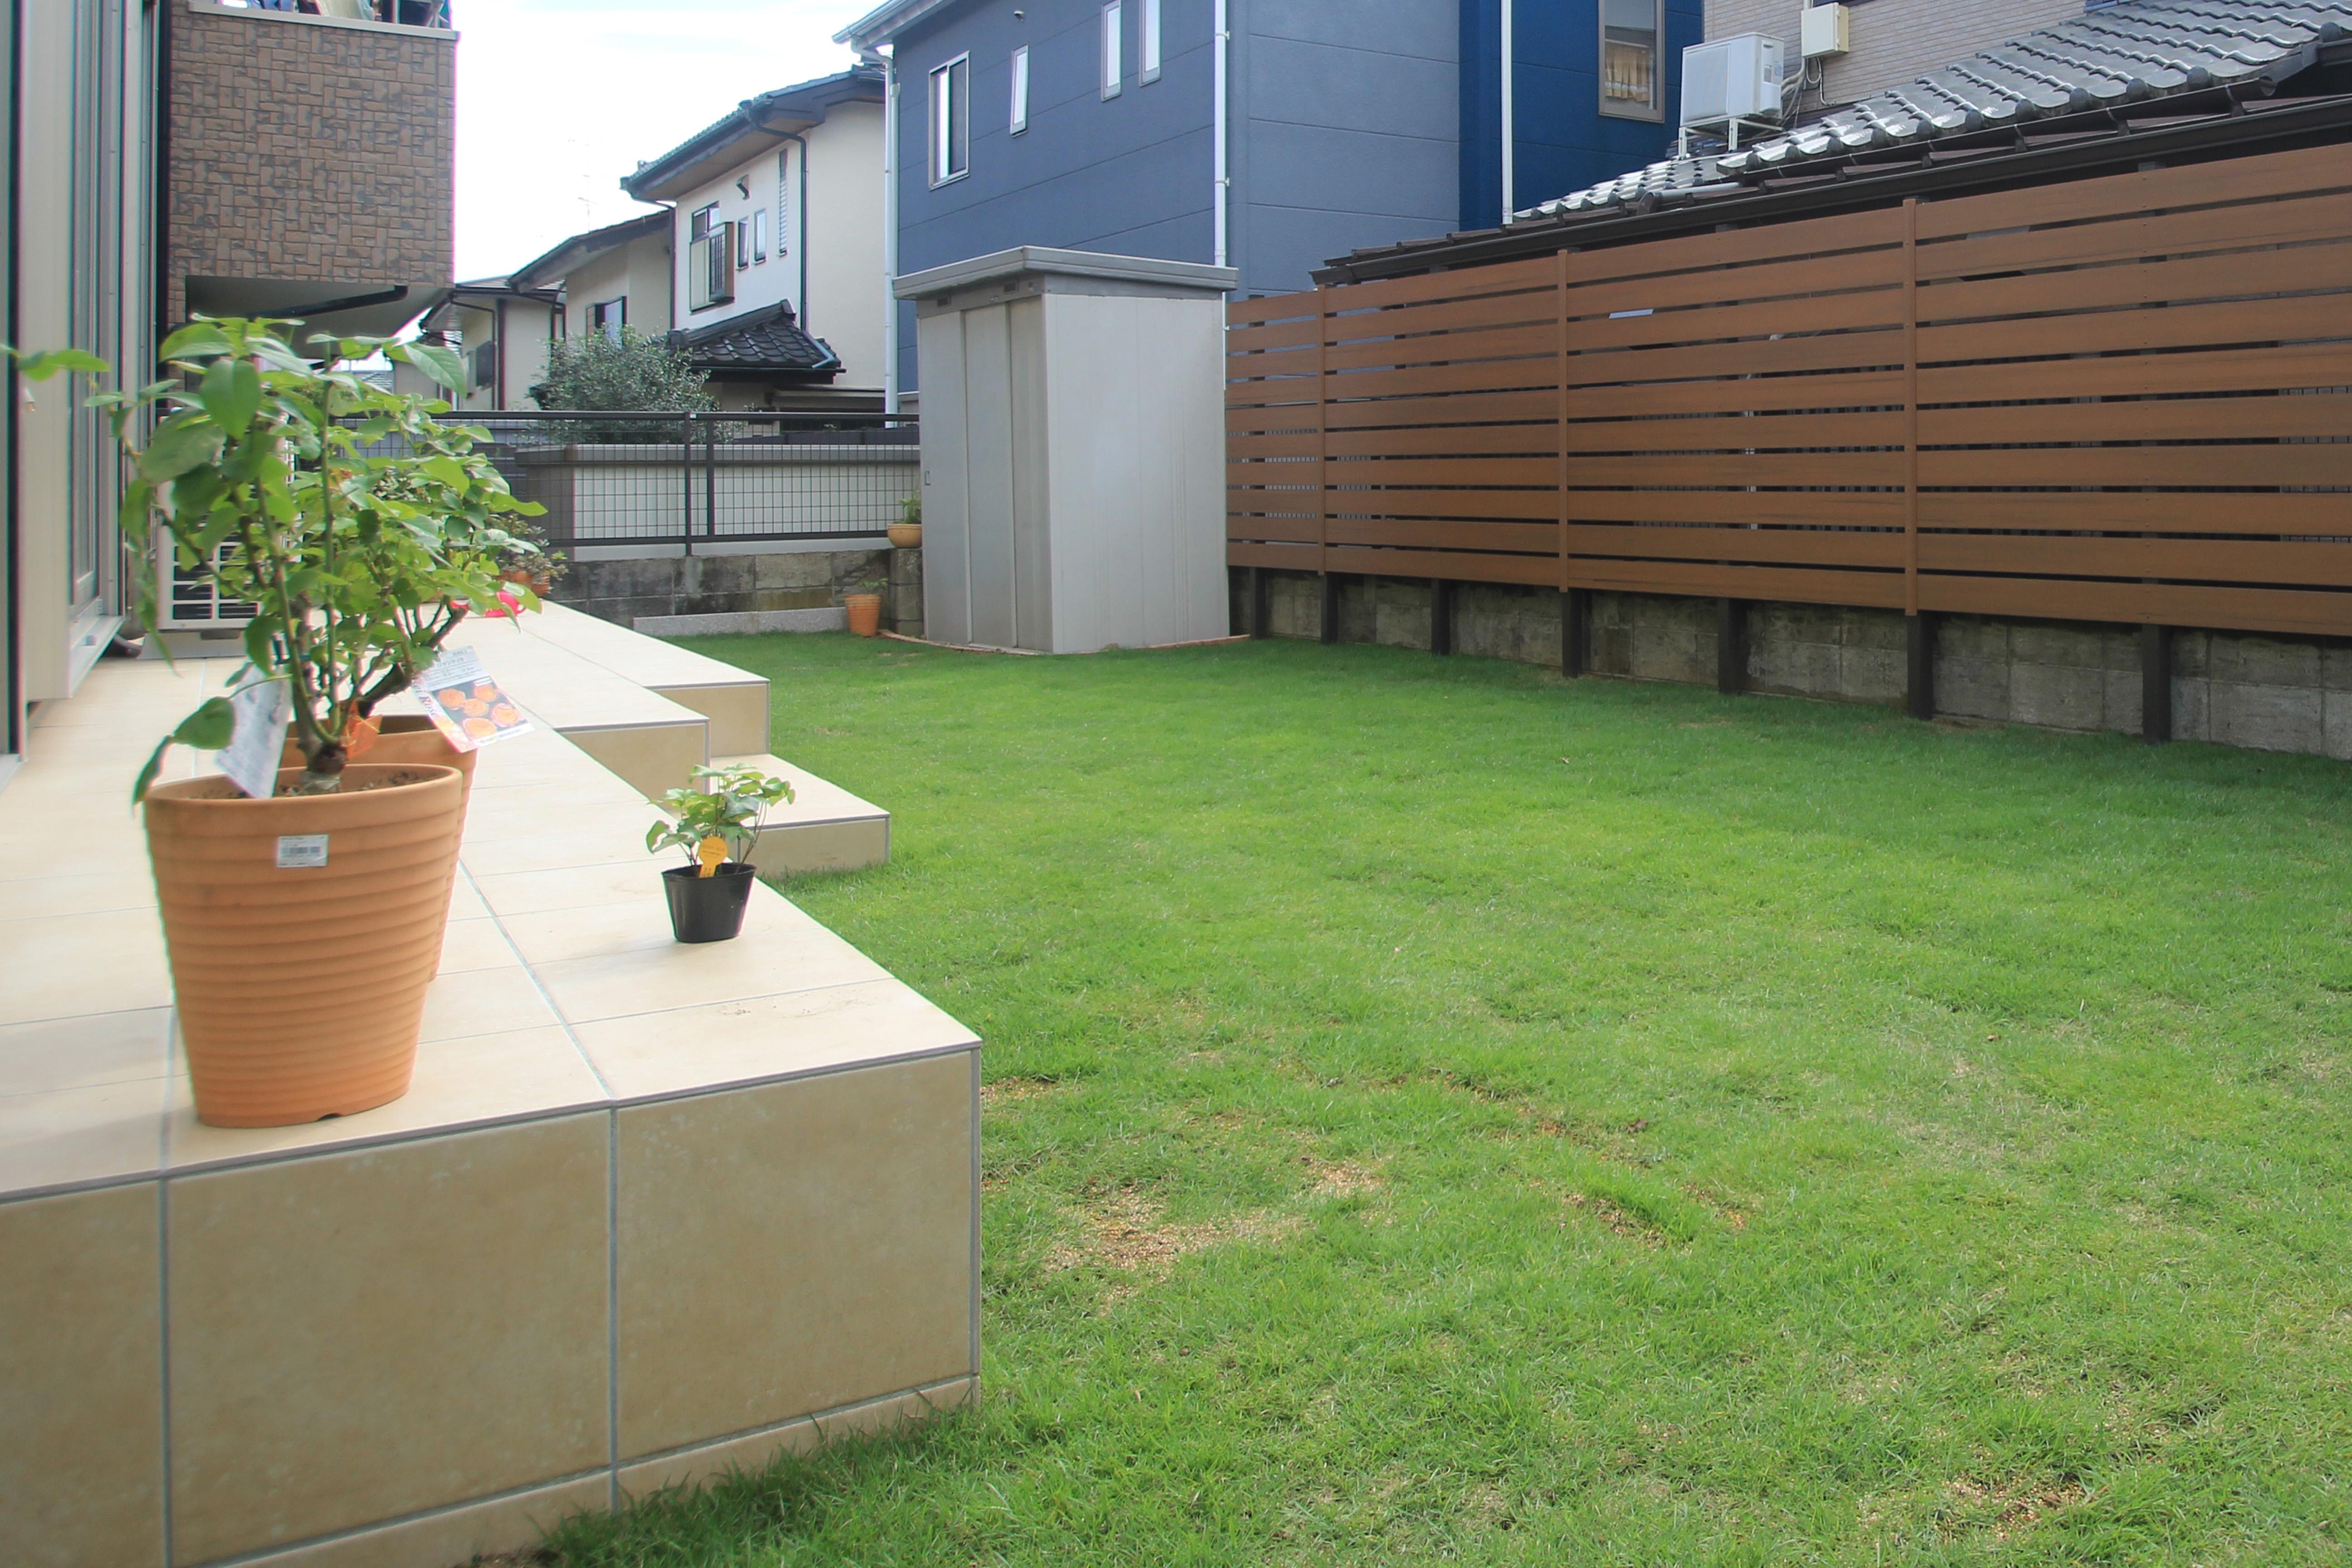 千葉県松戸市にて。レンガのカーブがお洒落な階段。ナチュラルカラーの素敵なポーチです。9